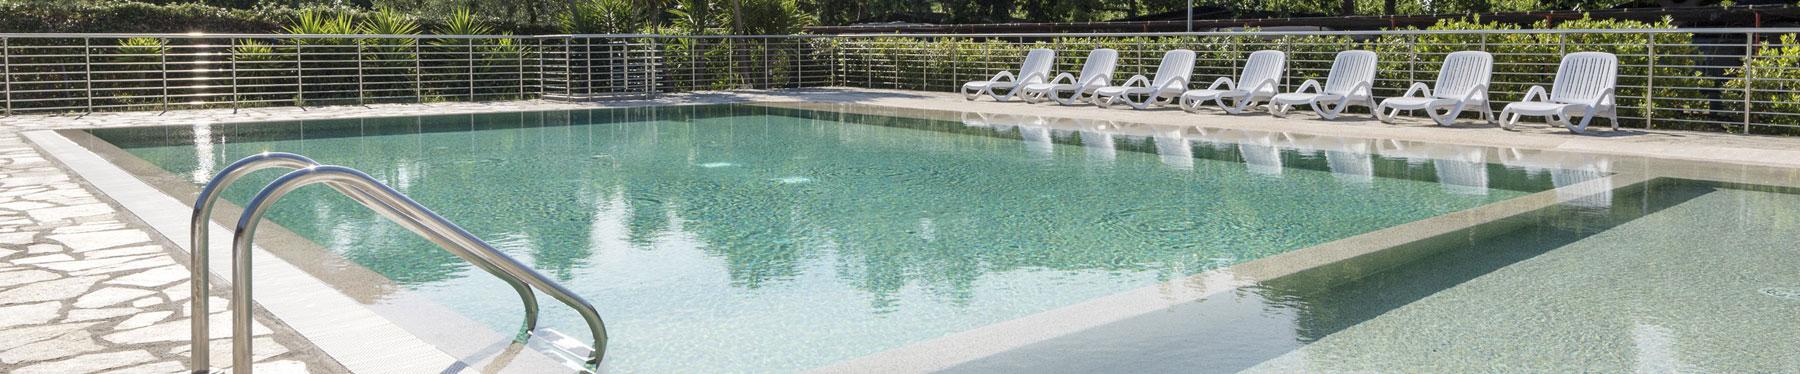 agriturismo-piscina